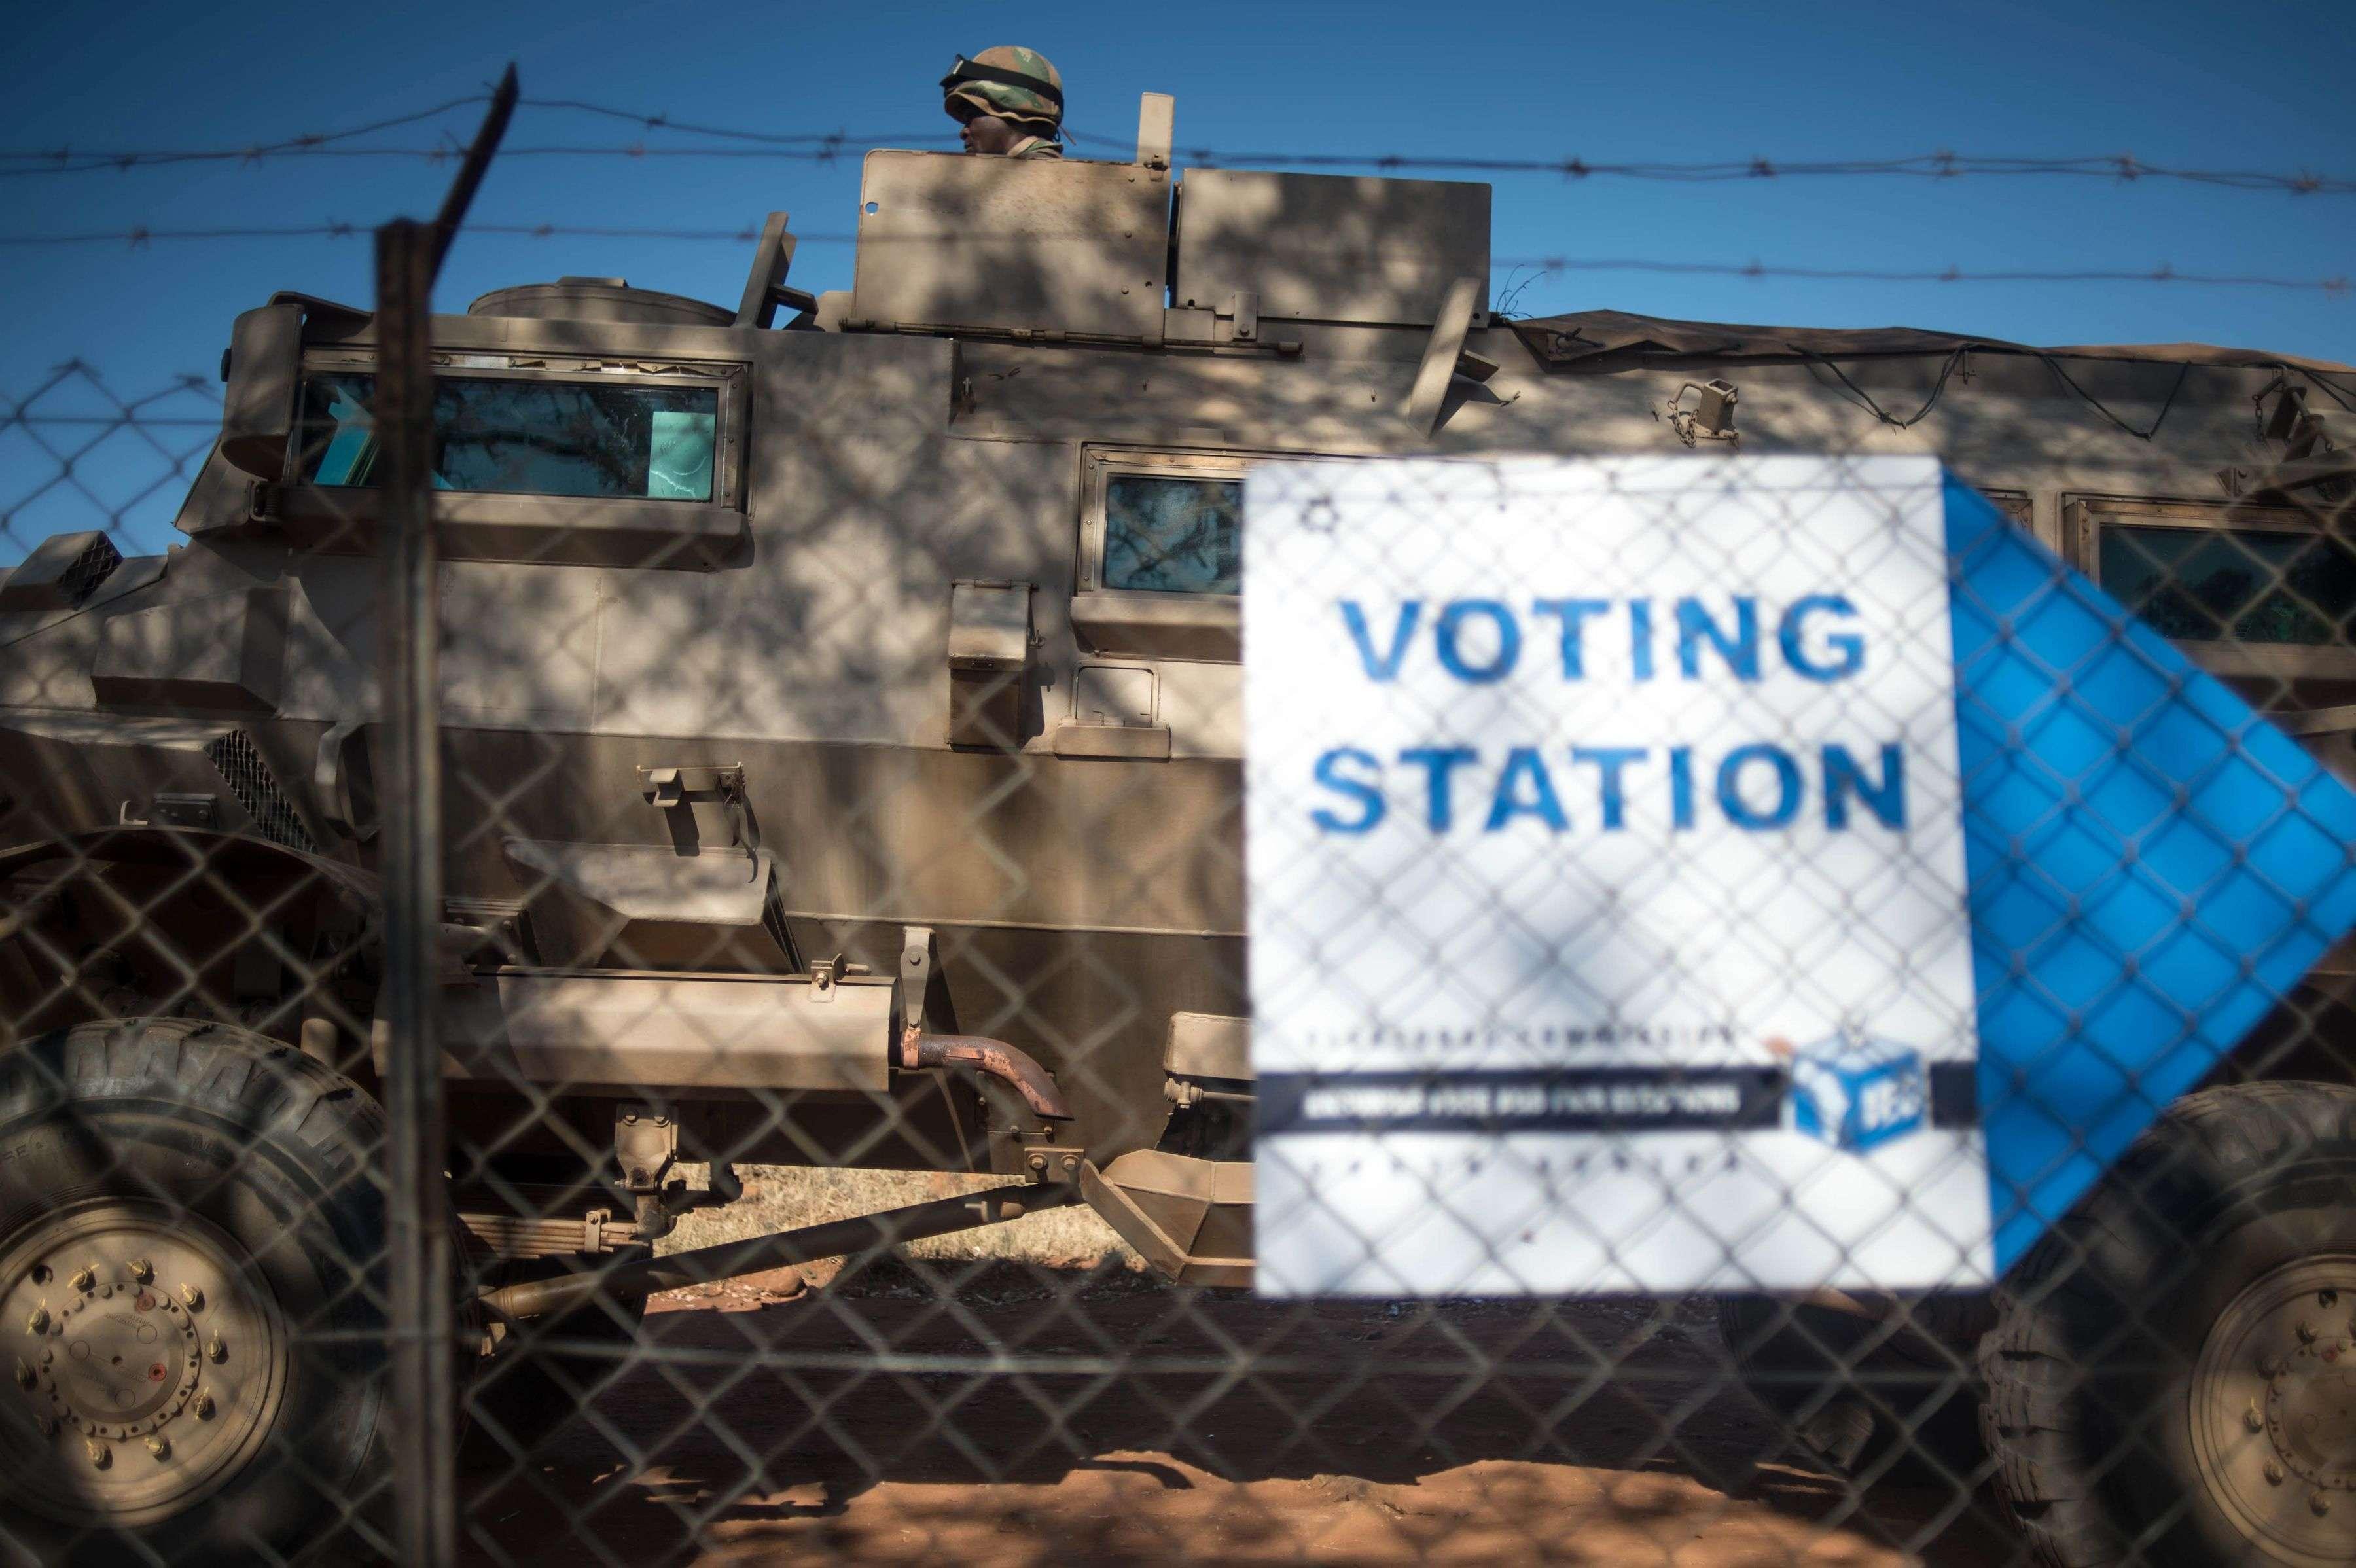 Un véhicule des forces de défense d'Afrique du Sud est stationné à l'extérieur d'un bureau de vote dans le village de Vuwani, dans le nord de la province de Limpopo.